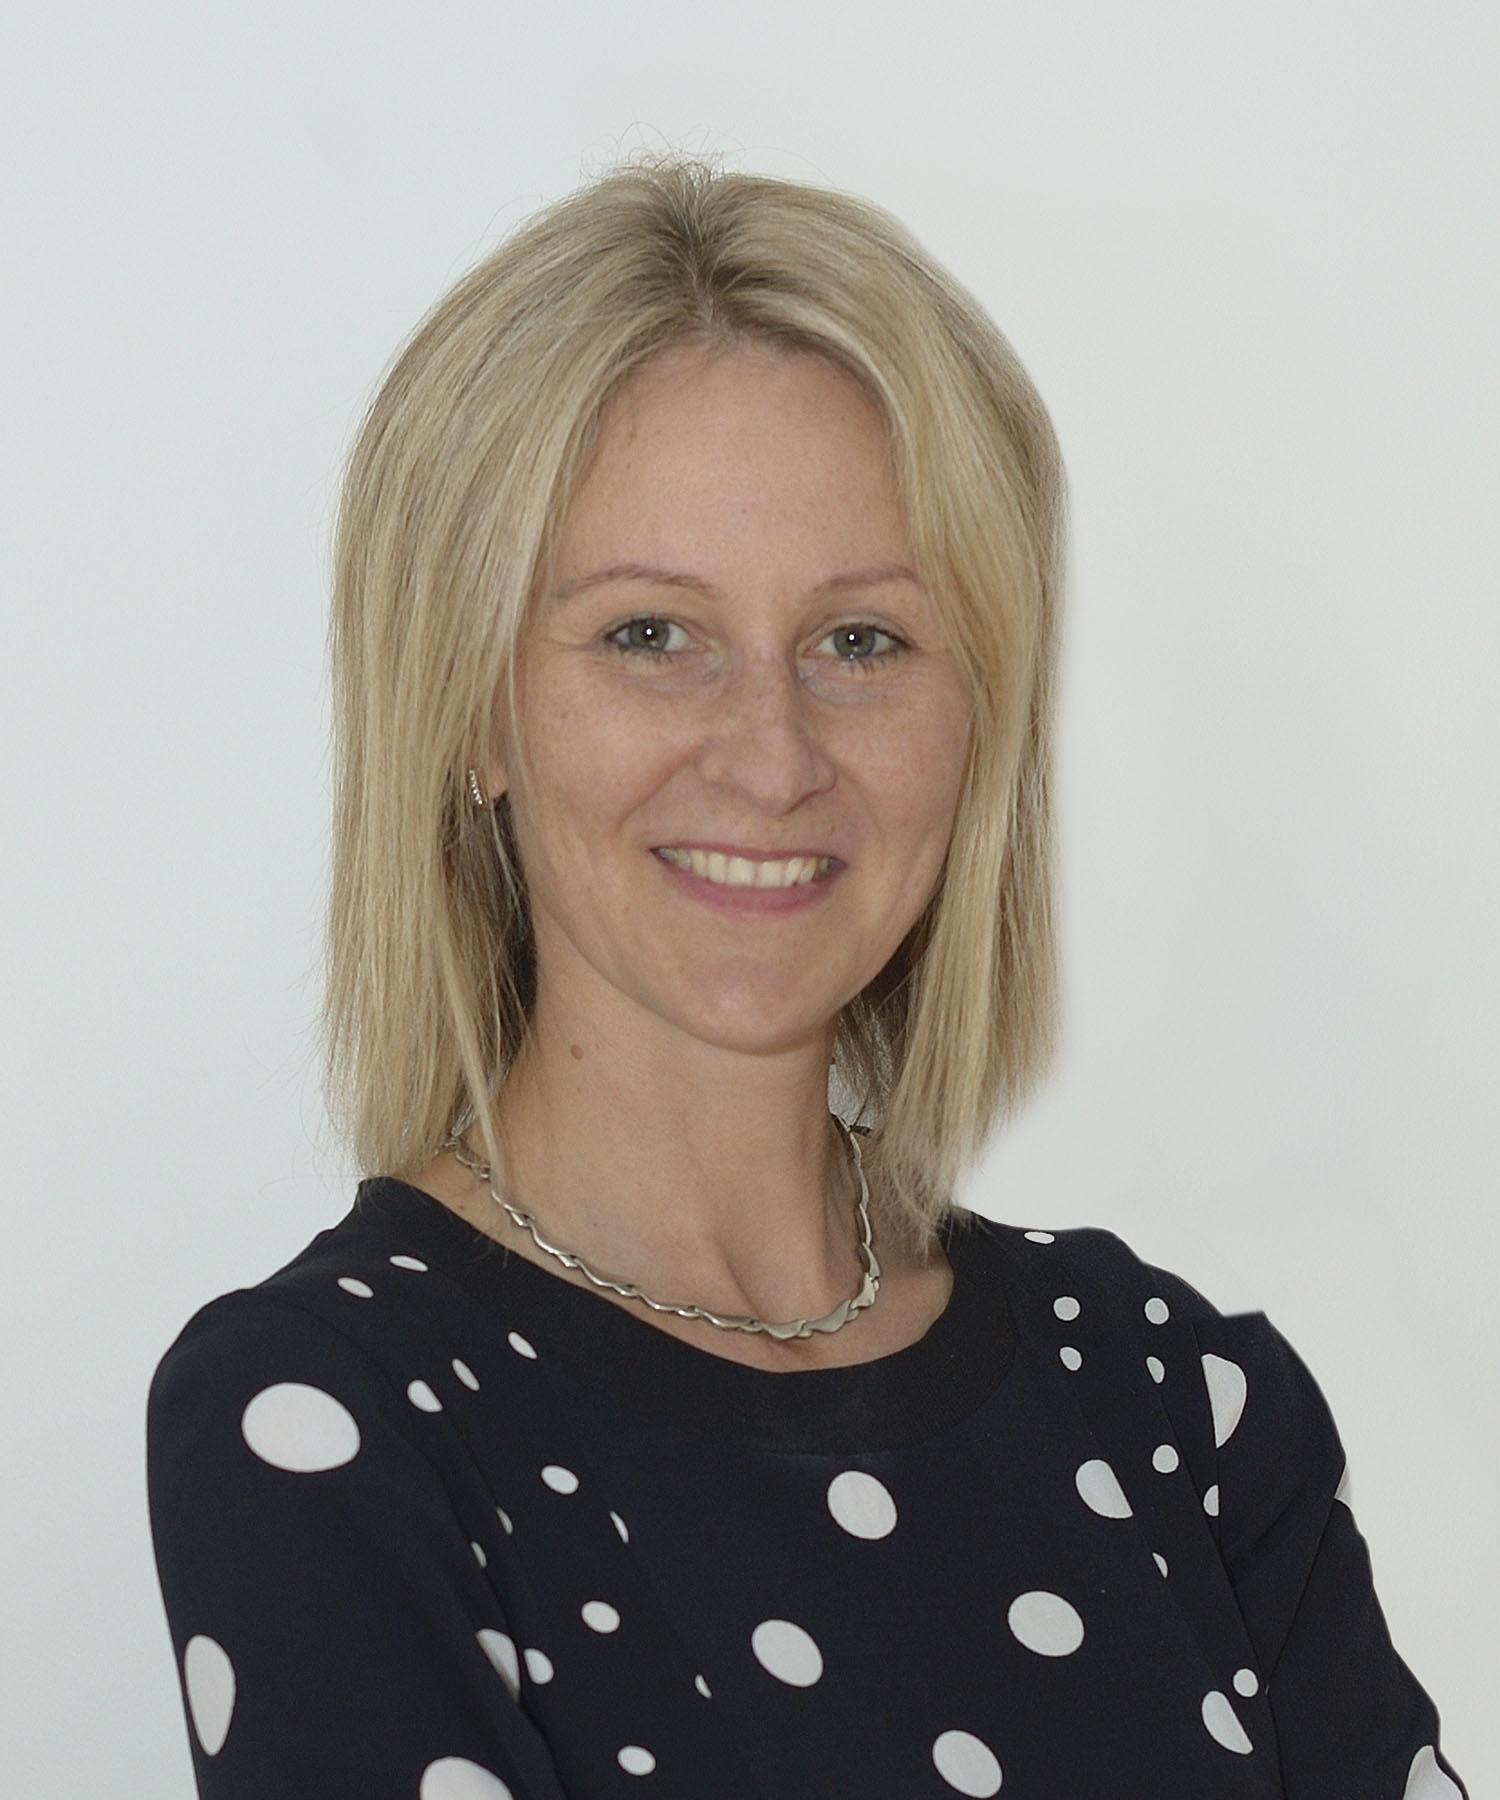 Karin Kratt